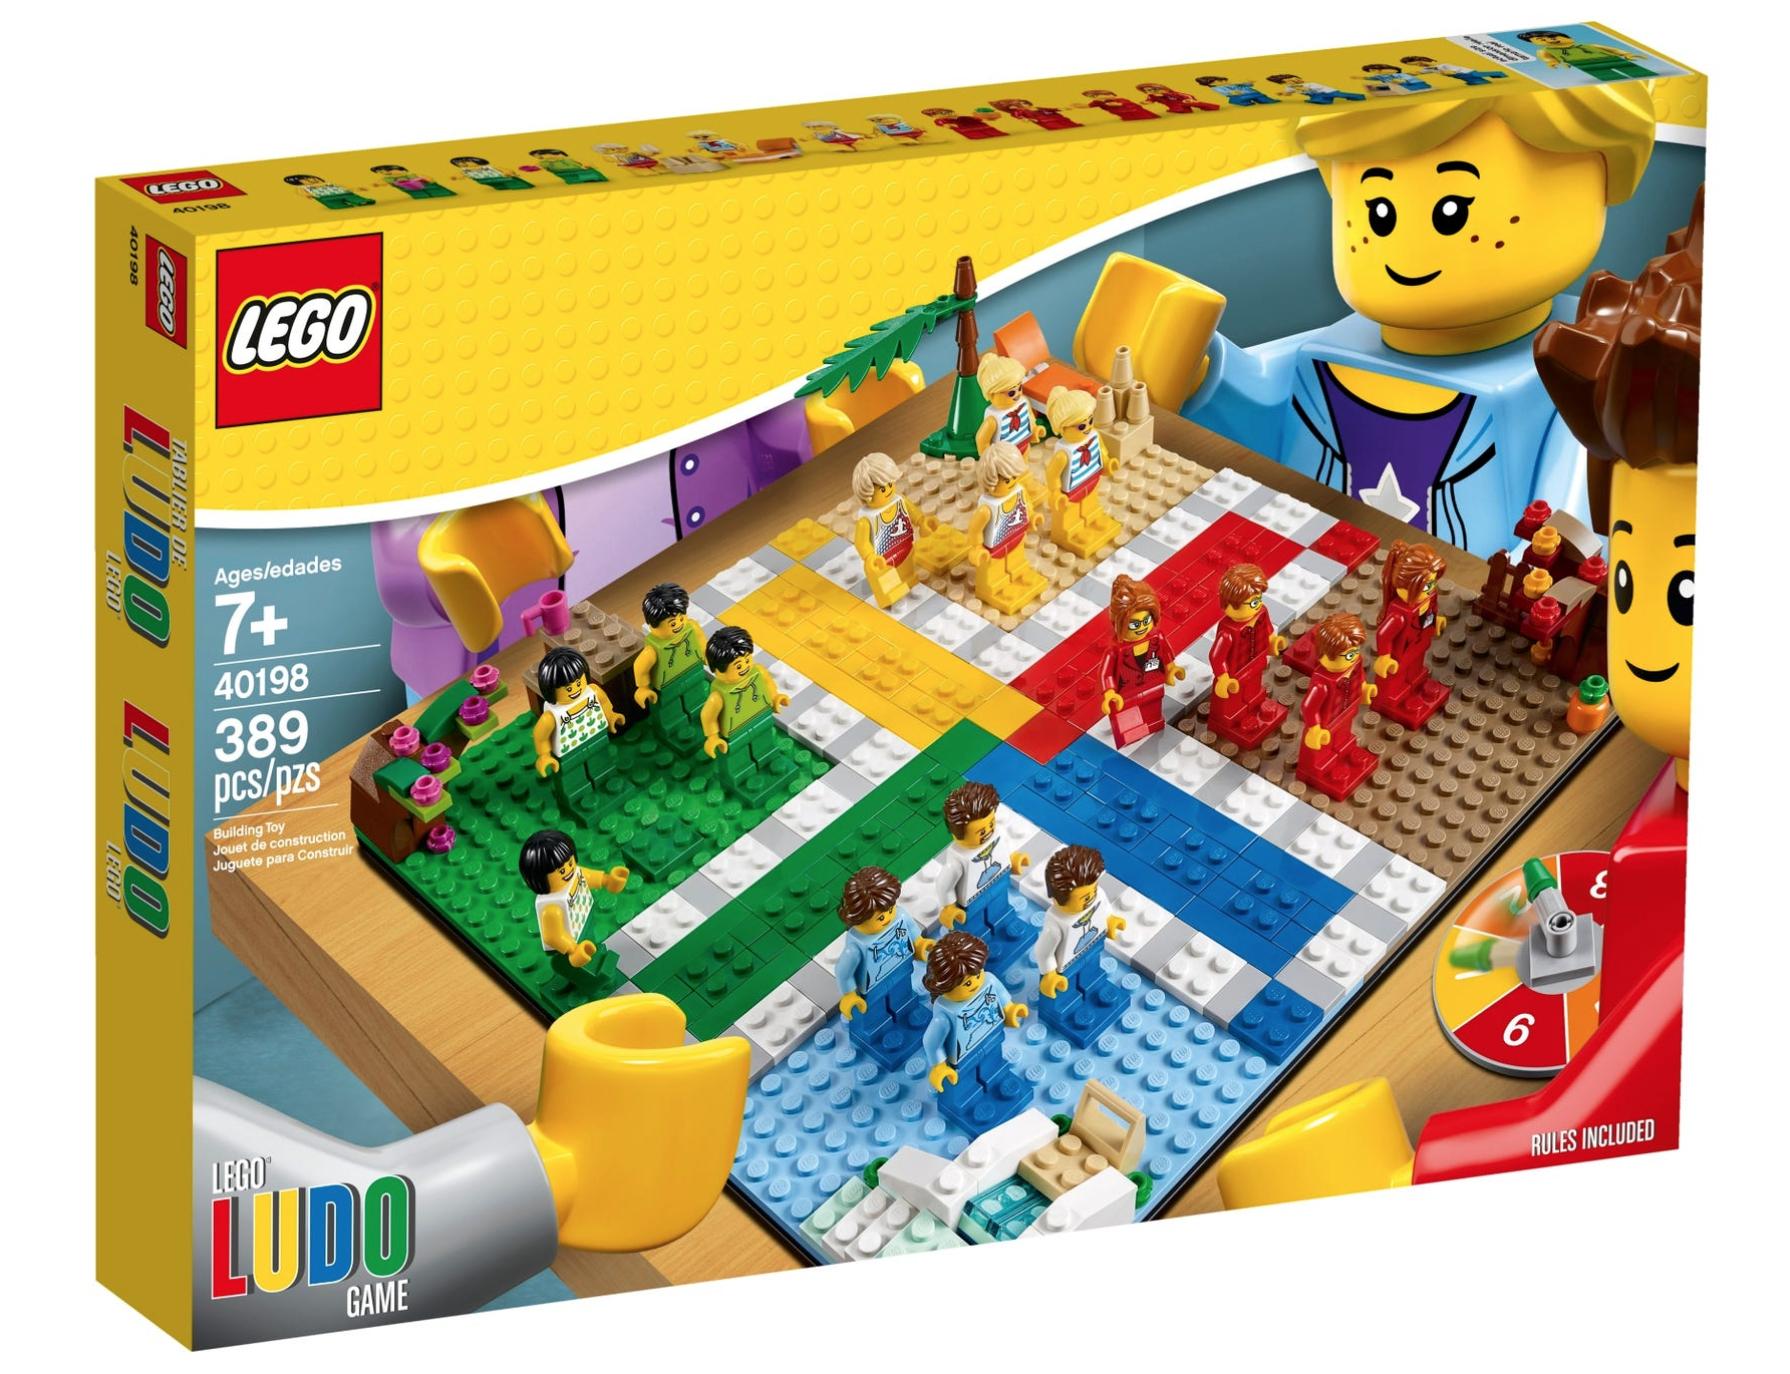 Lego 40198 Ludo Game £28.44 delivered @ Lego Shop